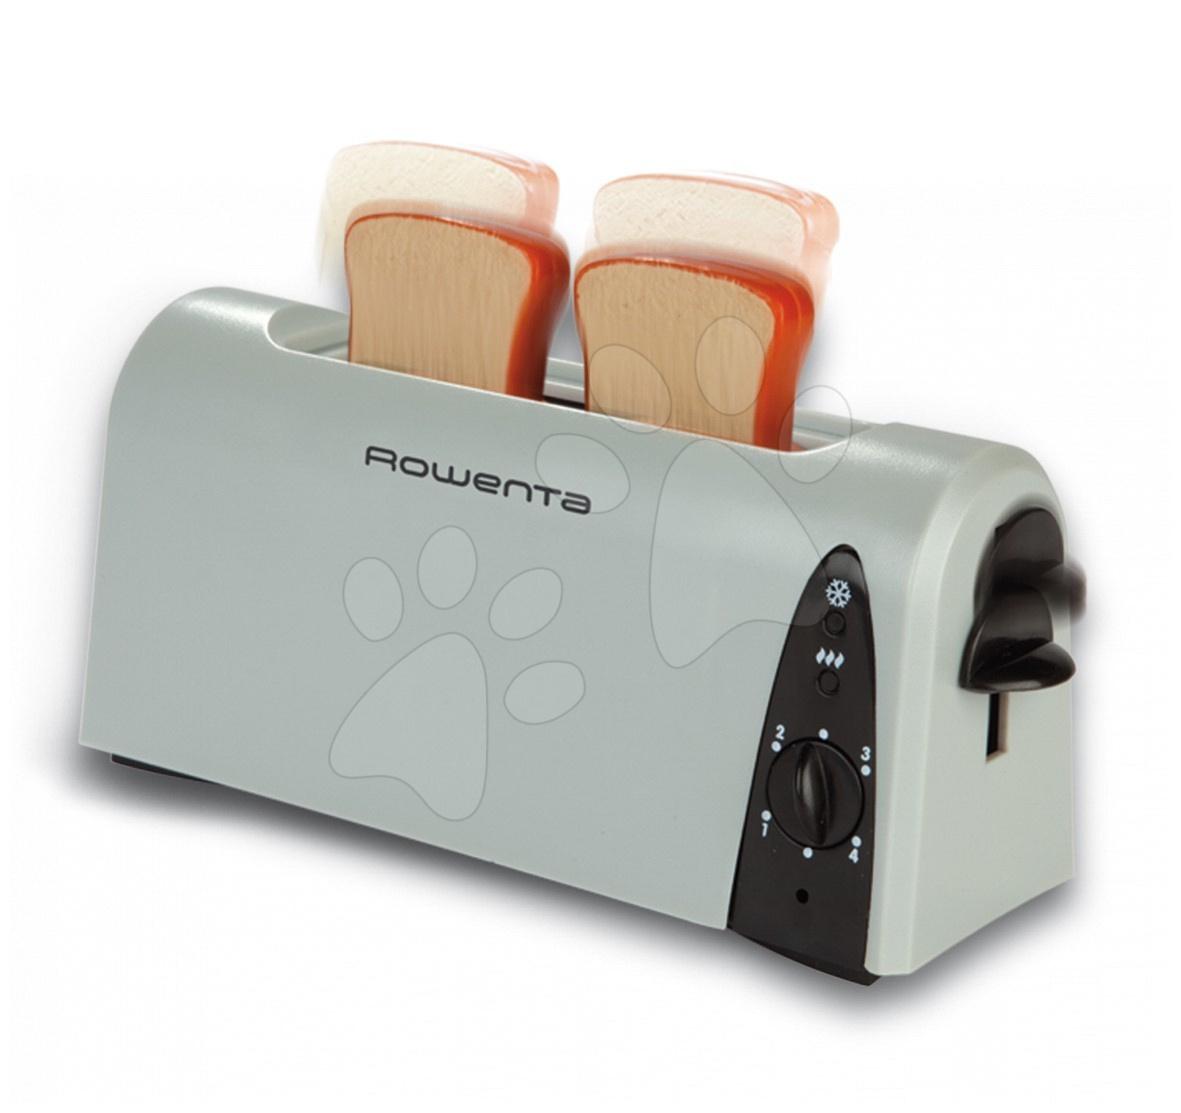 Staré položky - Krups toaster elektrický Smoby se zvukem a mechanickými funkcemi